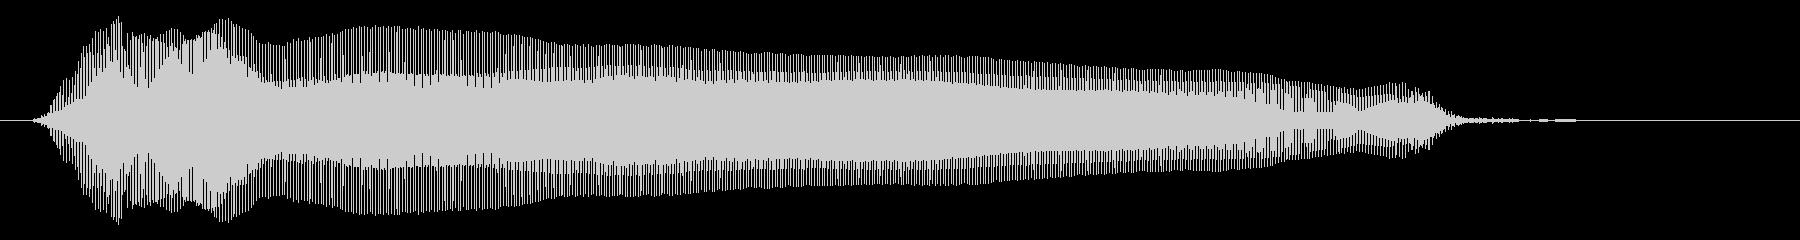 やーーっ!(Type-A)の未再生の波形